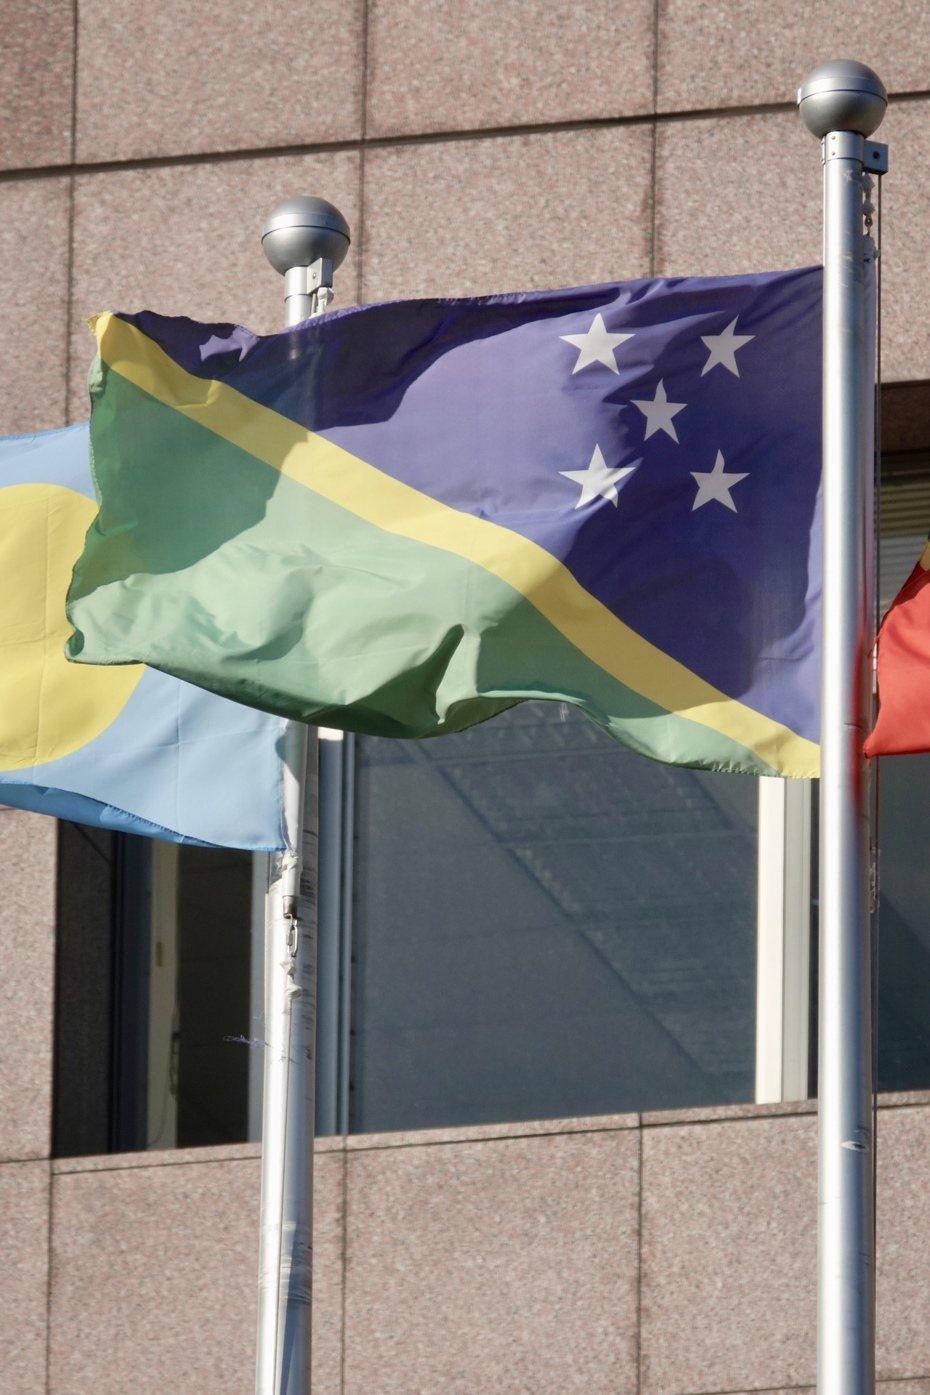 我國南太平洋友邦索羅門群島,近期傳出邦交不穩消息,索國外交部長馬內列今天下午啟程前往台灣訪問,預計明早抵台。圖為索羅門群島大使館外升起的索羅門群島國旗。 報系資料照/記者林伯東攝影